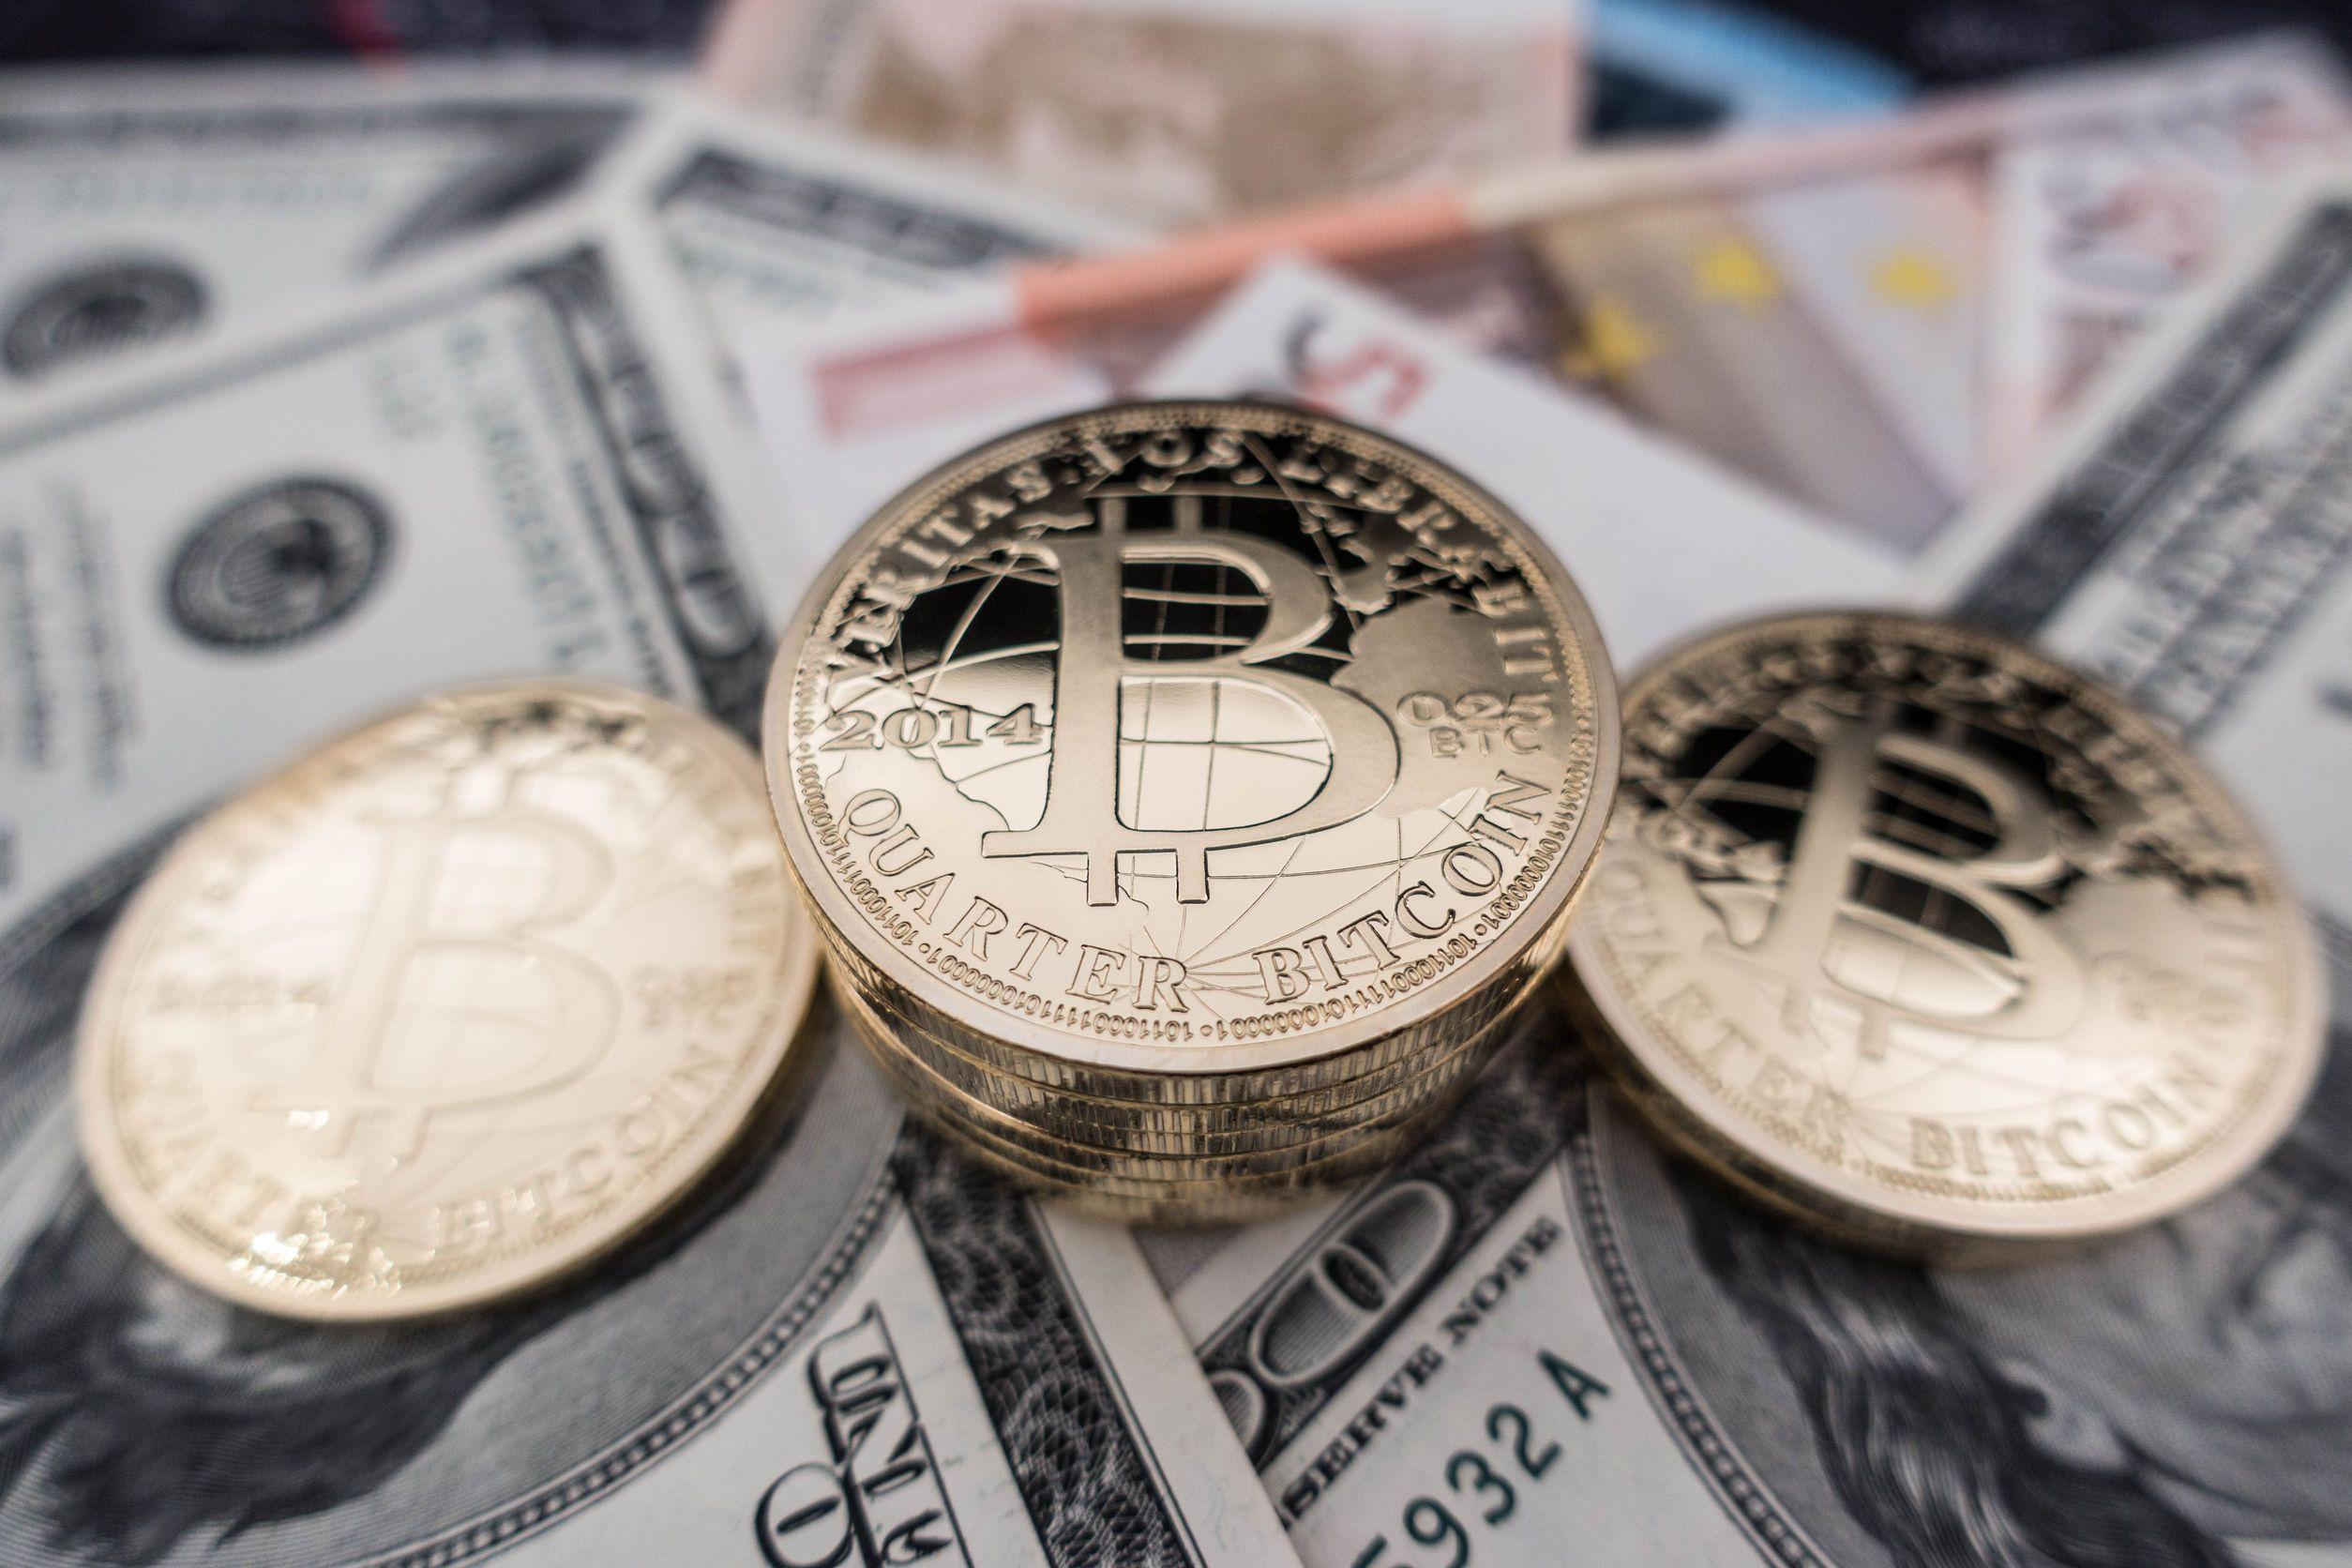 cum puteți face bani rapid și ușor noi subiecte de a face bani online